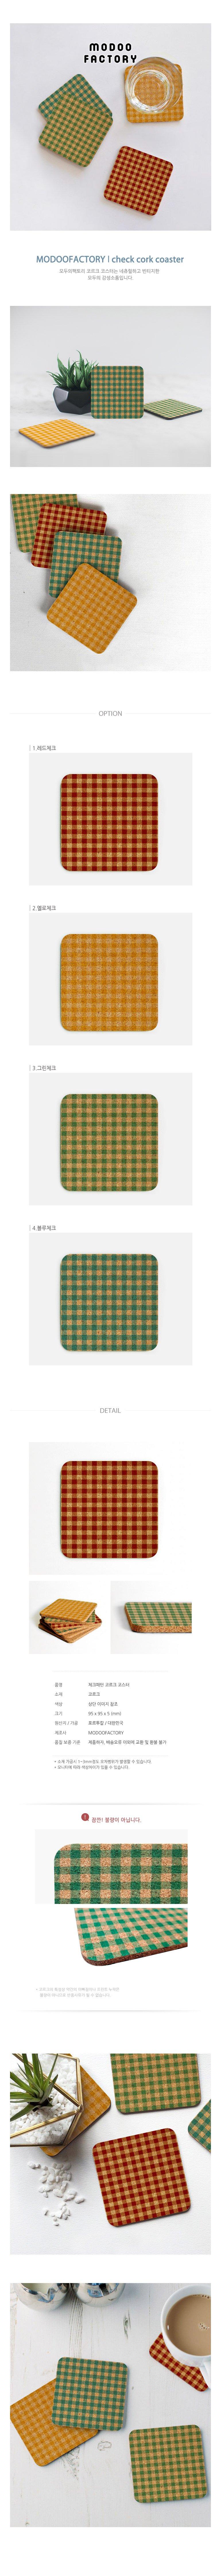 체트무늬 디자인 코르크 코스터 95x95x5mm - 모두의 팩토리, 1,100원, 장식/부자재, 벽장식